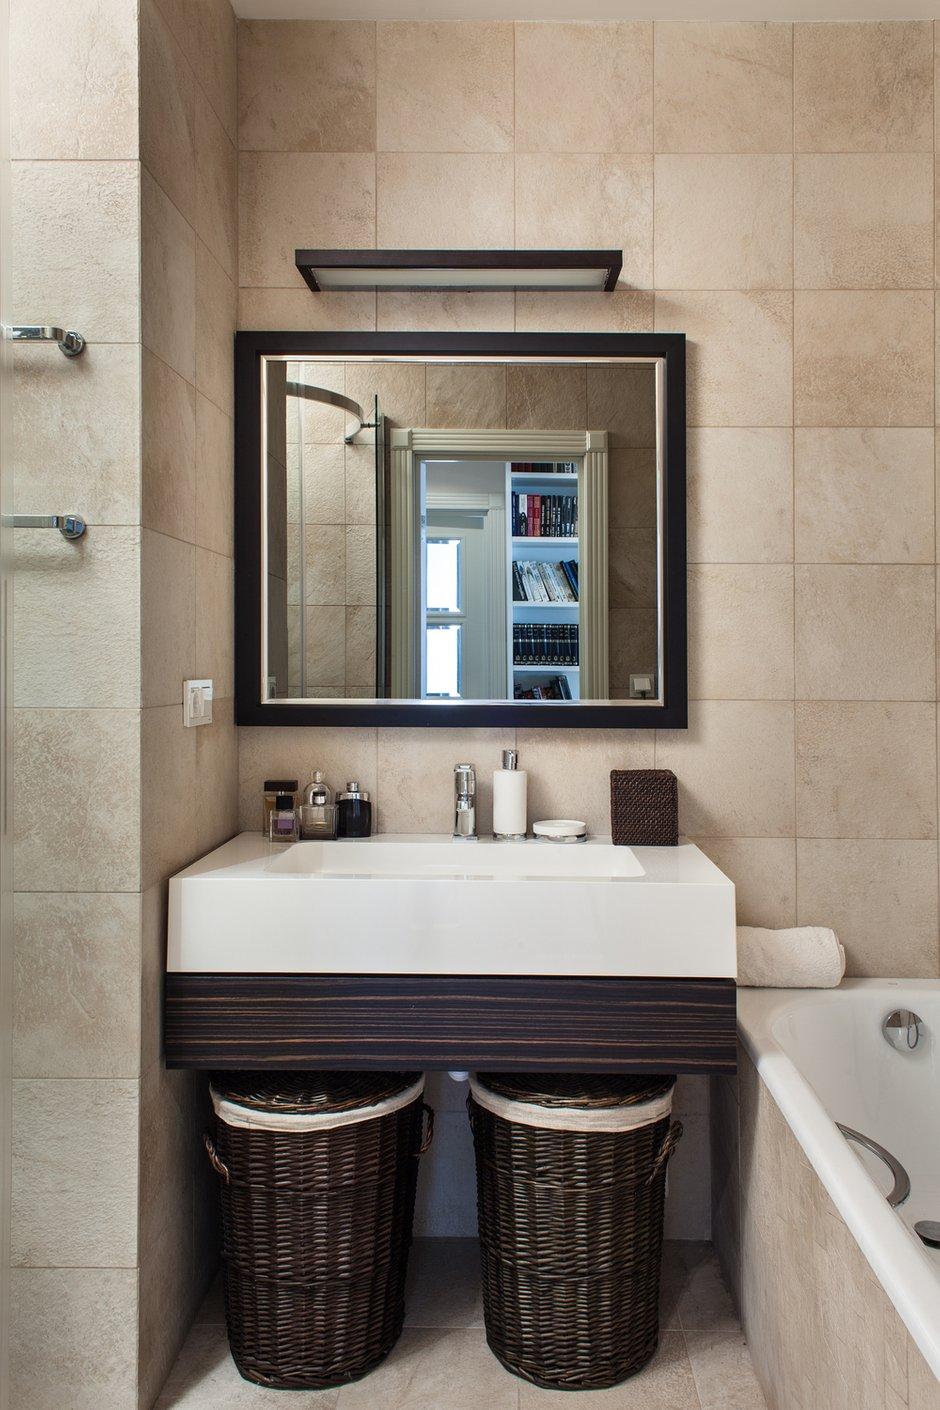 Фотография: Ванная в стиле Современный, Квартира, Hudson Valley, Vistosi, Дома и квартиры, Проект недели, Porada – фото на INMYROOM